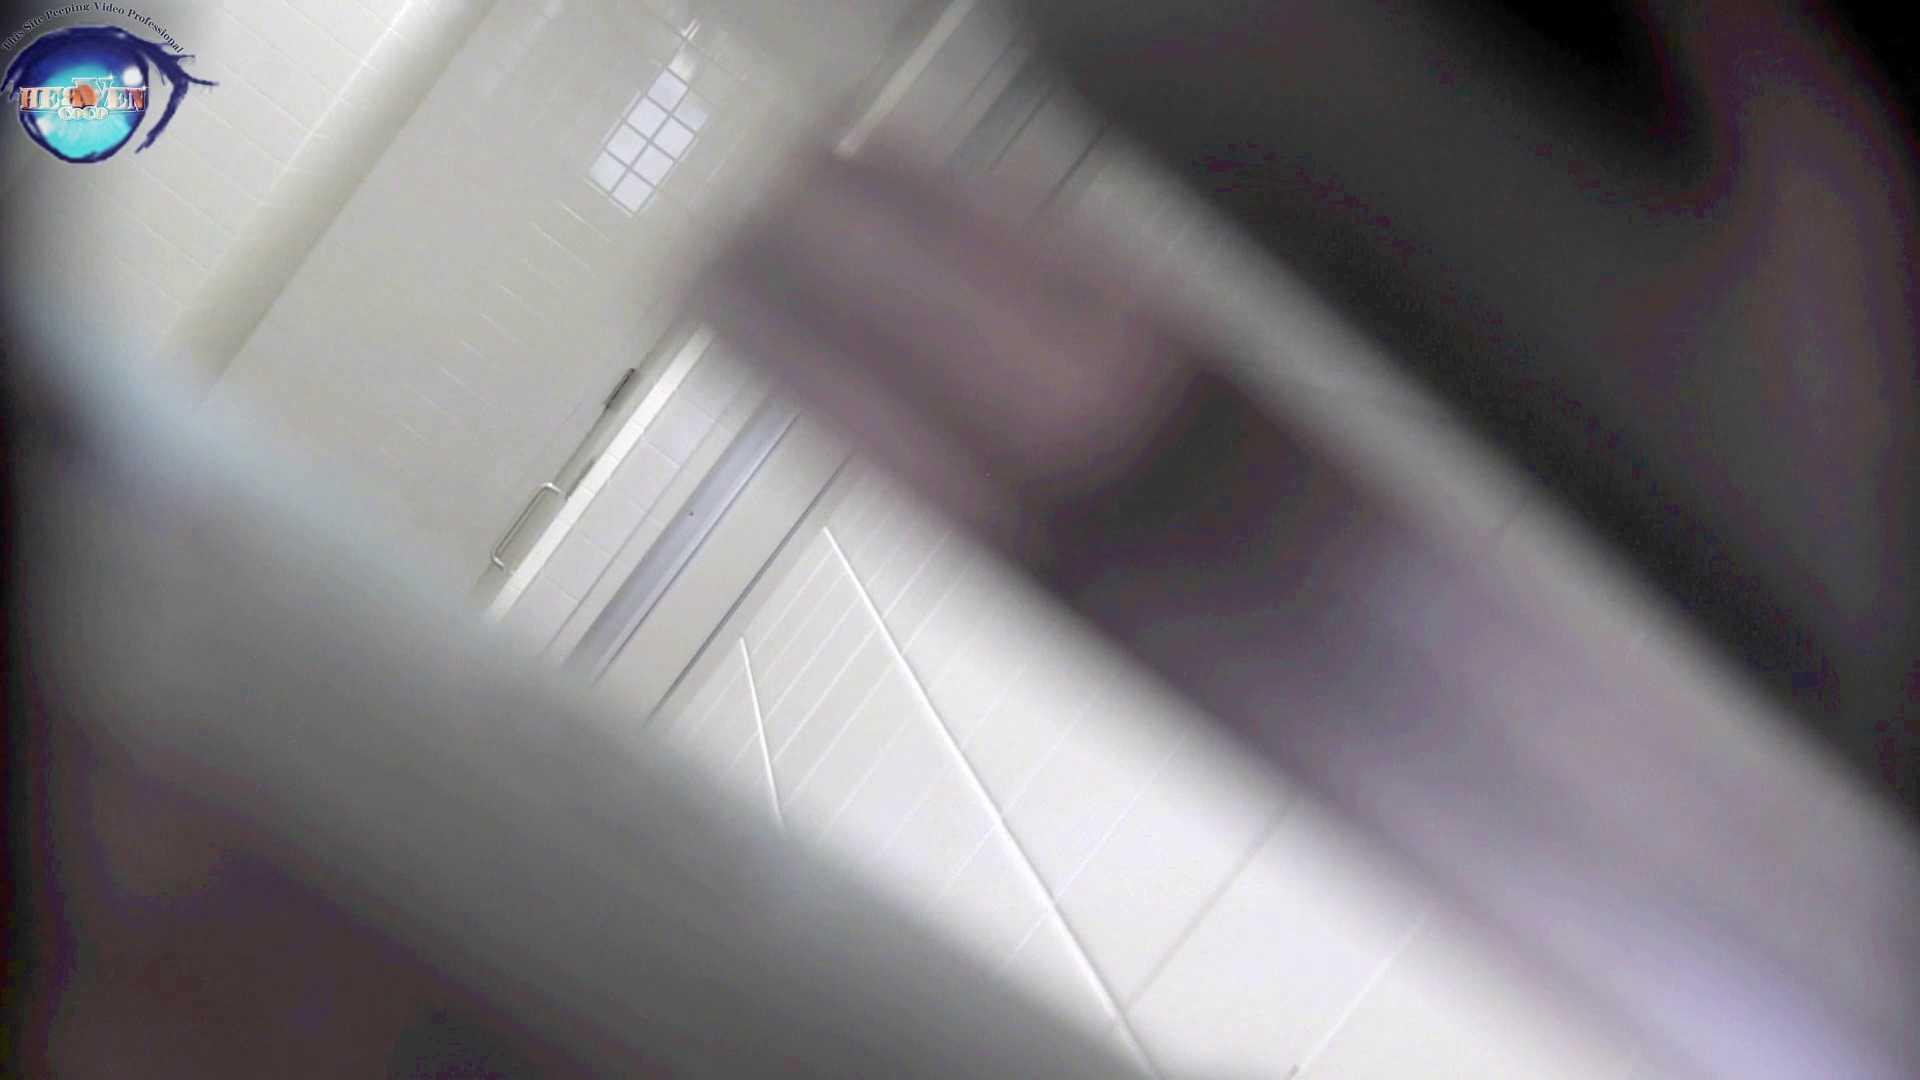 洗面所突入レポート!!お銀 vol.68 無謀に通路に飛び出て一番明るいフロント撮り実現 前編 洗面所編   0  86PIX 11